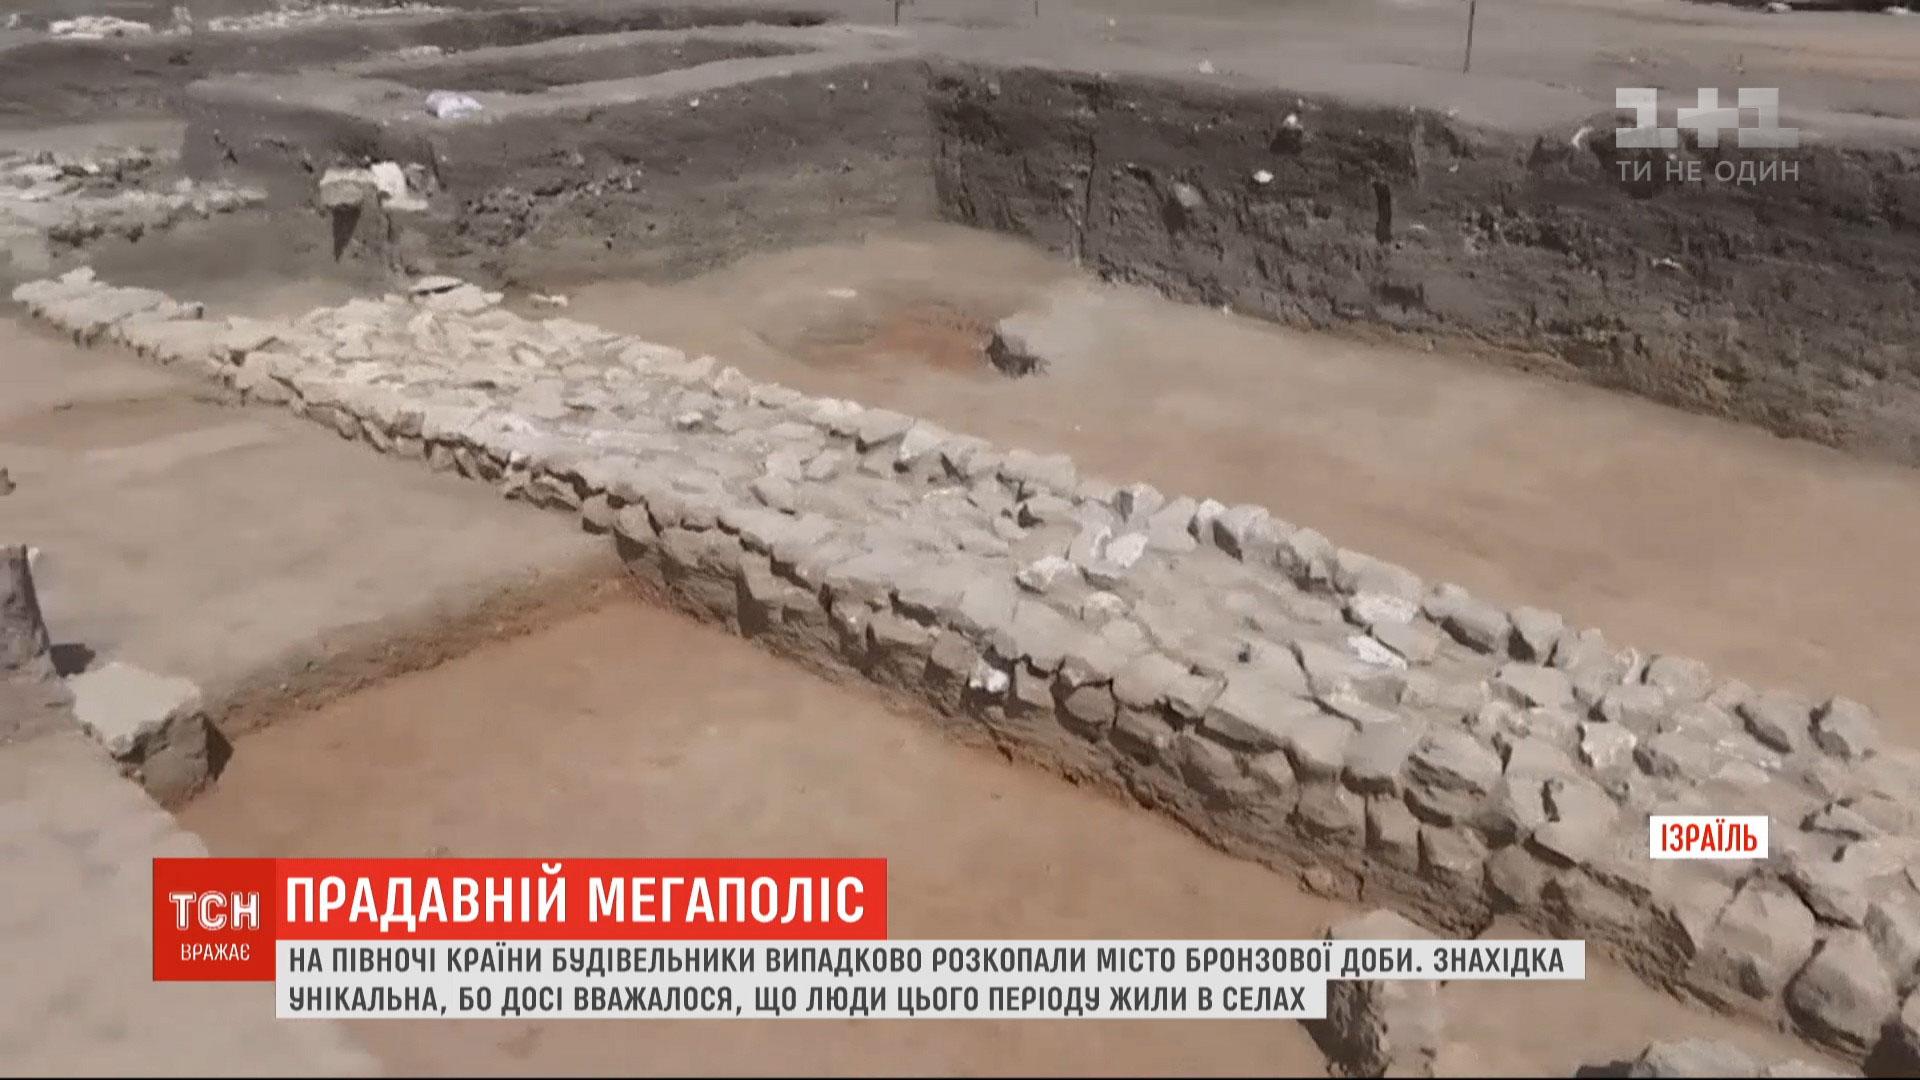 В Ізраїлі розкопали місто, якому близько семи тисяч років (ВІДЕО)